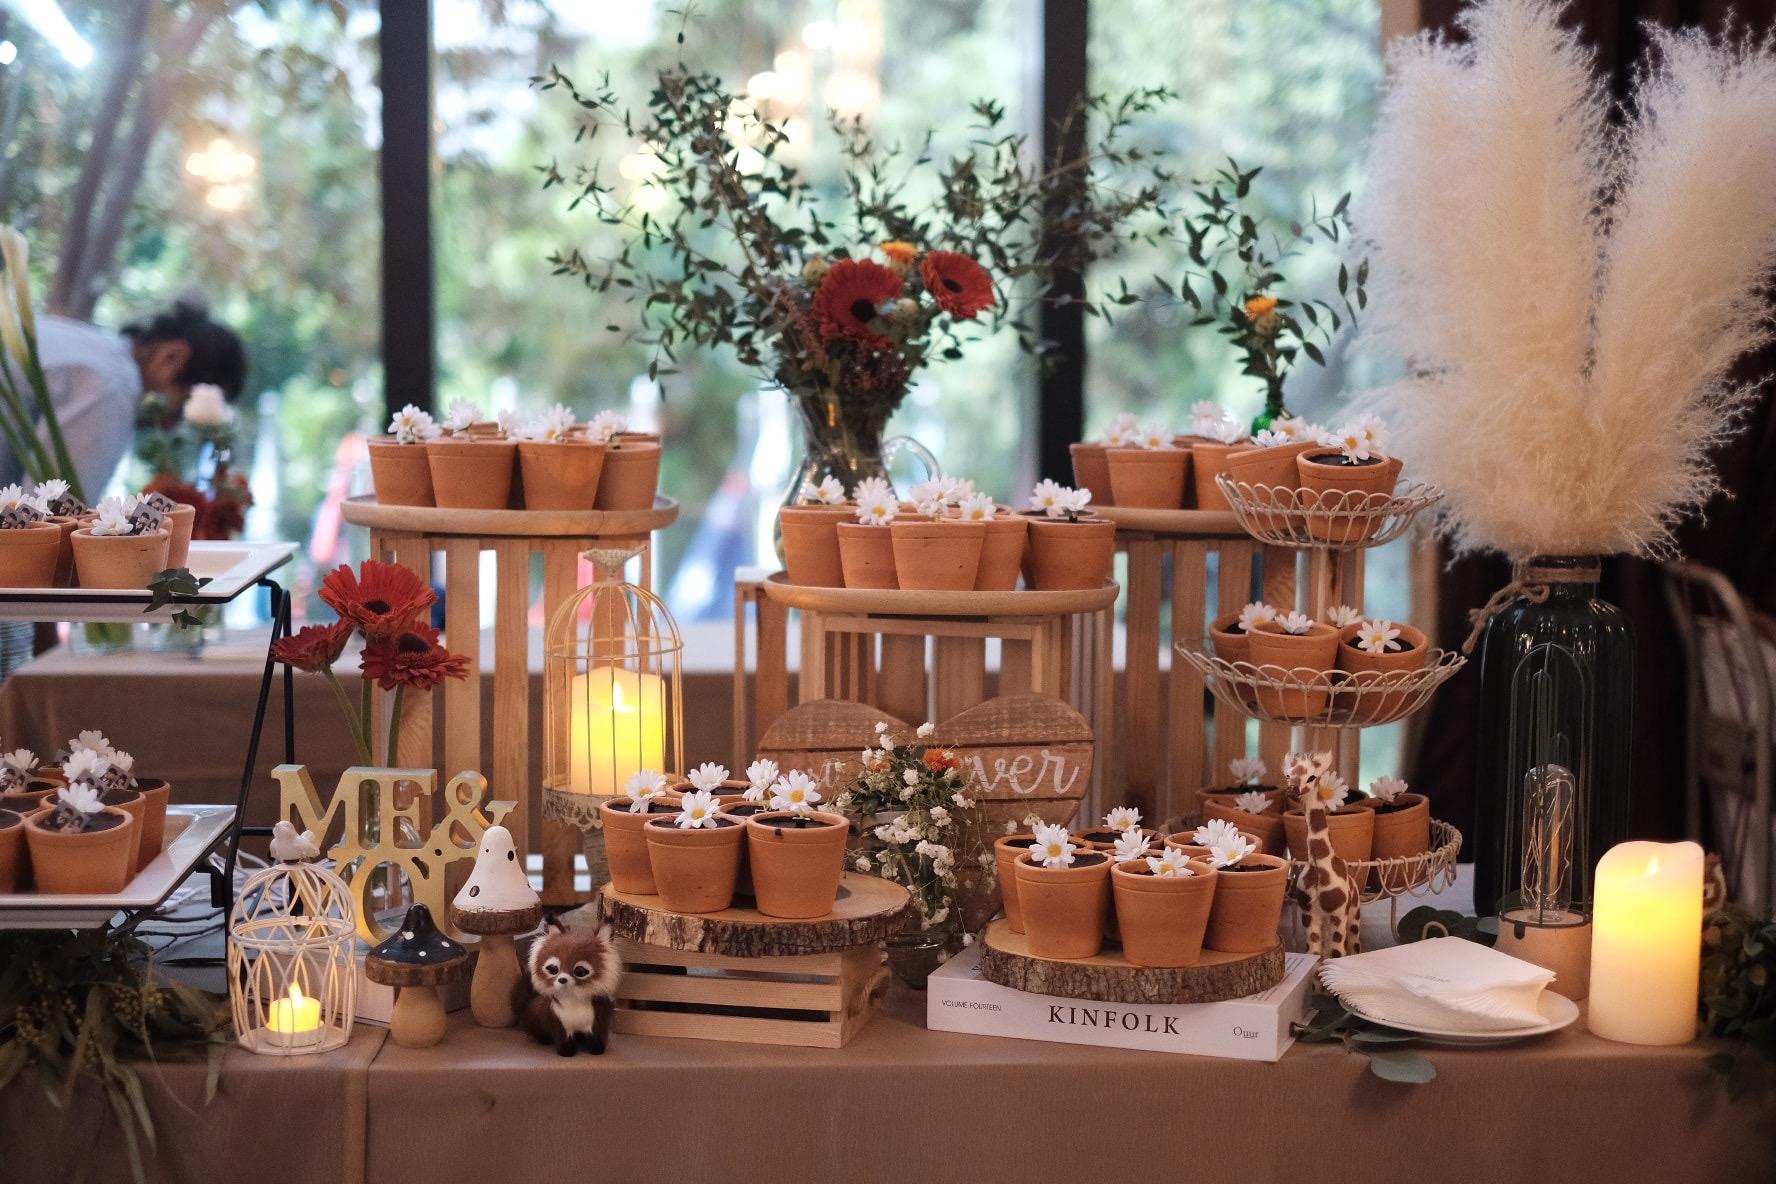 甜品台的方式有很多种,植物盆栽的甜品台更不容错过